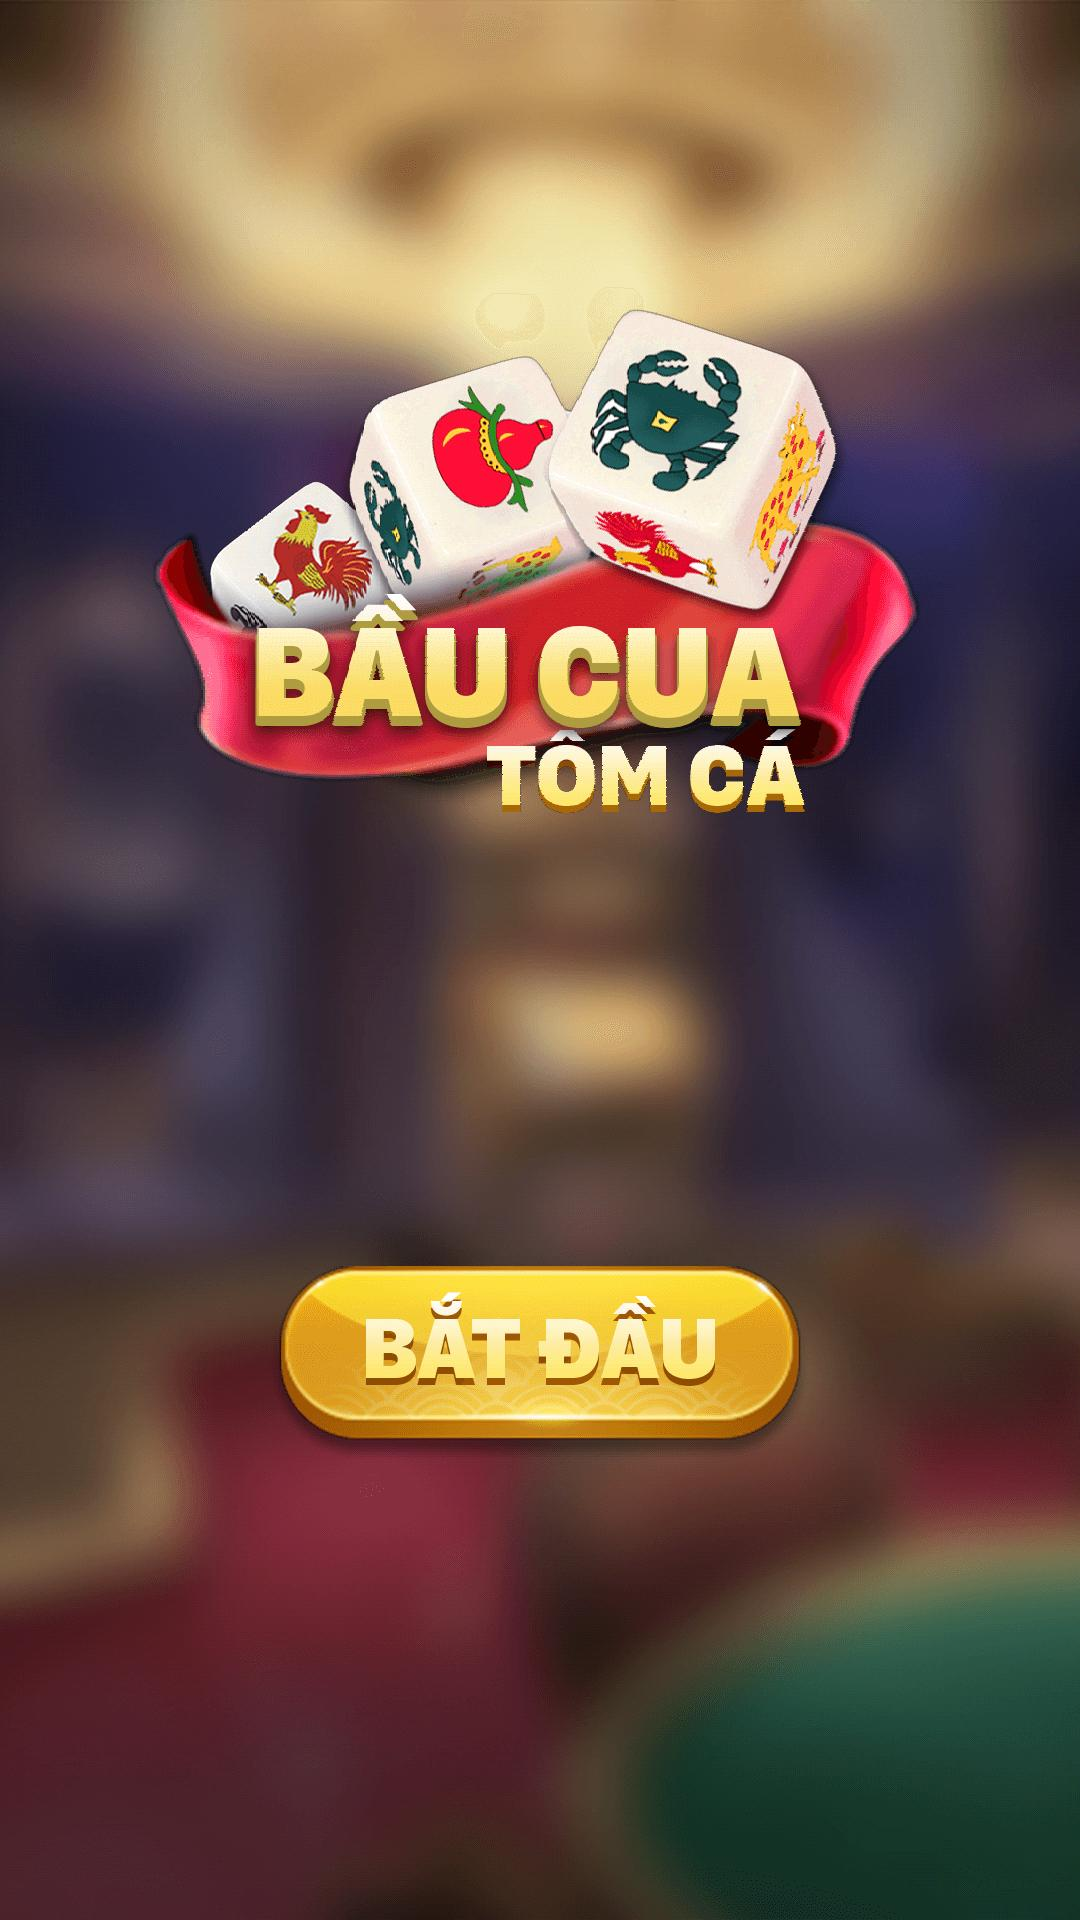 Bau Cua Tom Ca 1.0 Screenshot 13